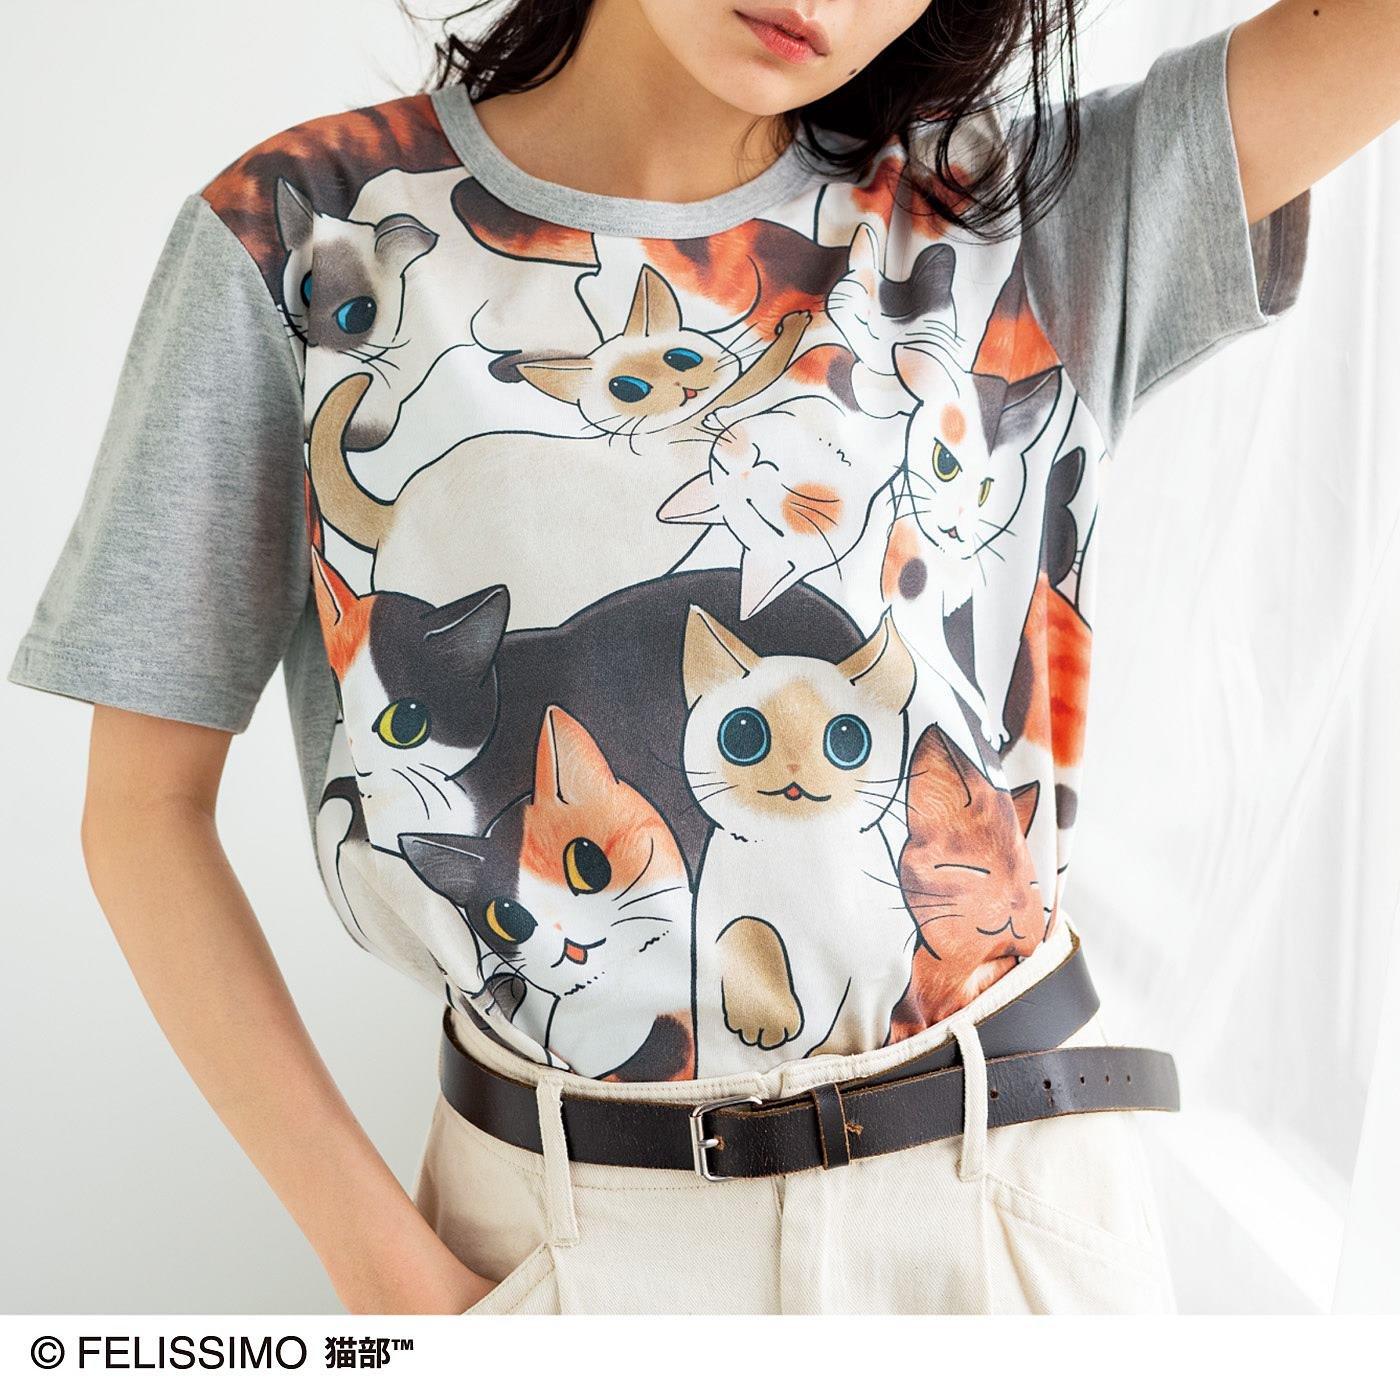 漫画家山野りんりんさんとつくった 猫好き猛アピールTシャツ フルカラーの会